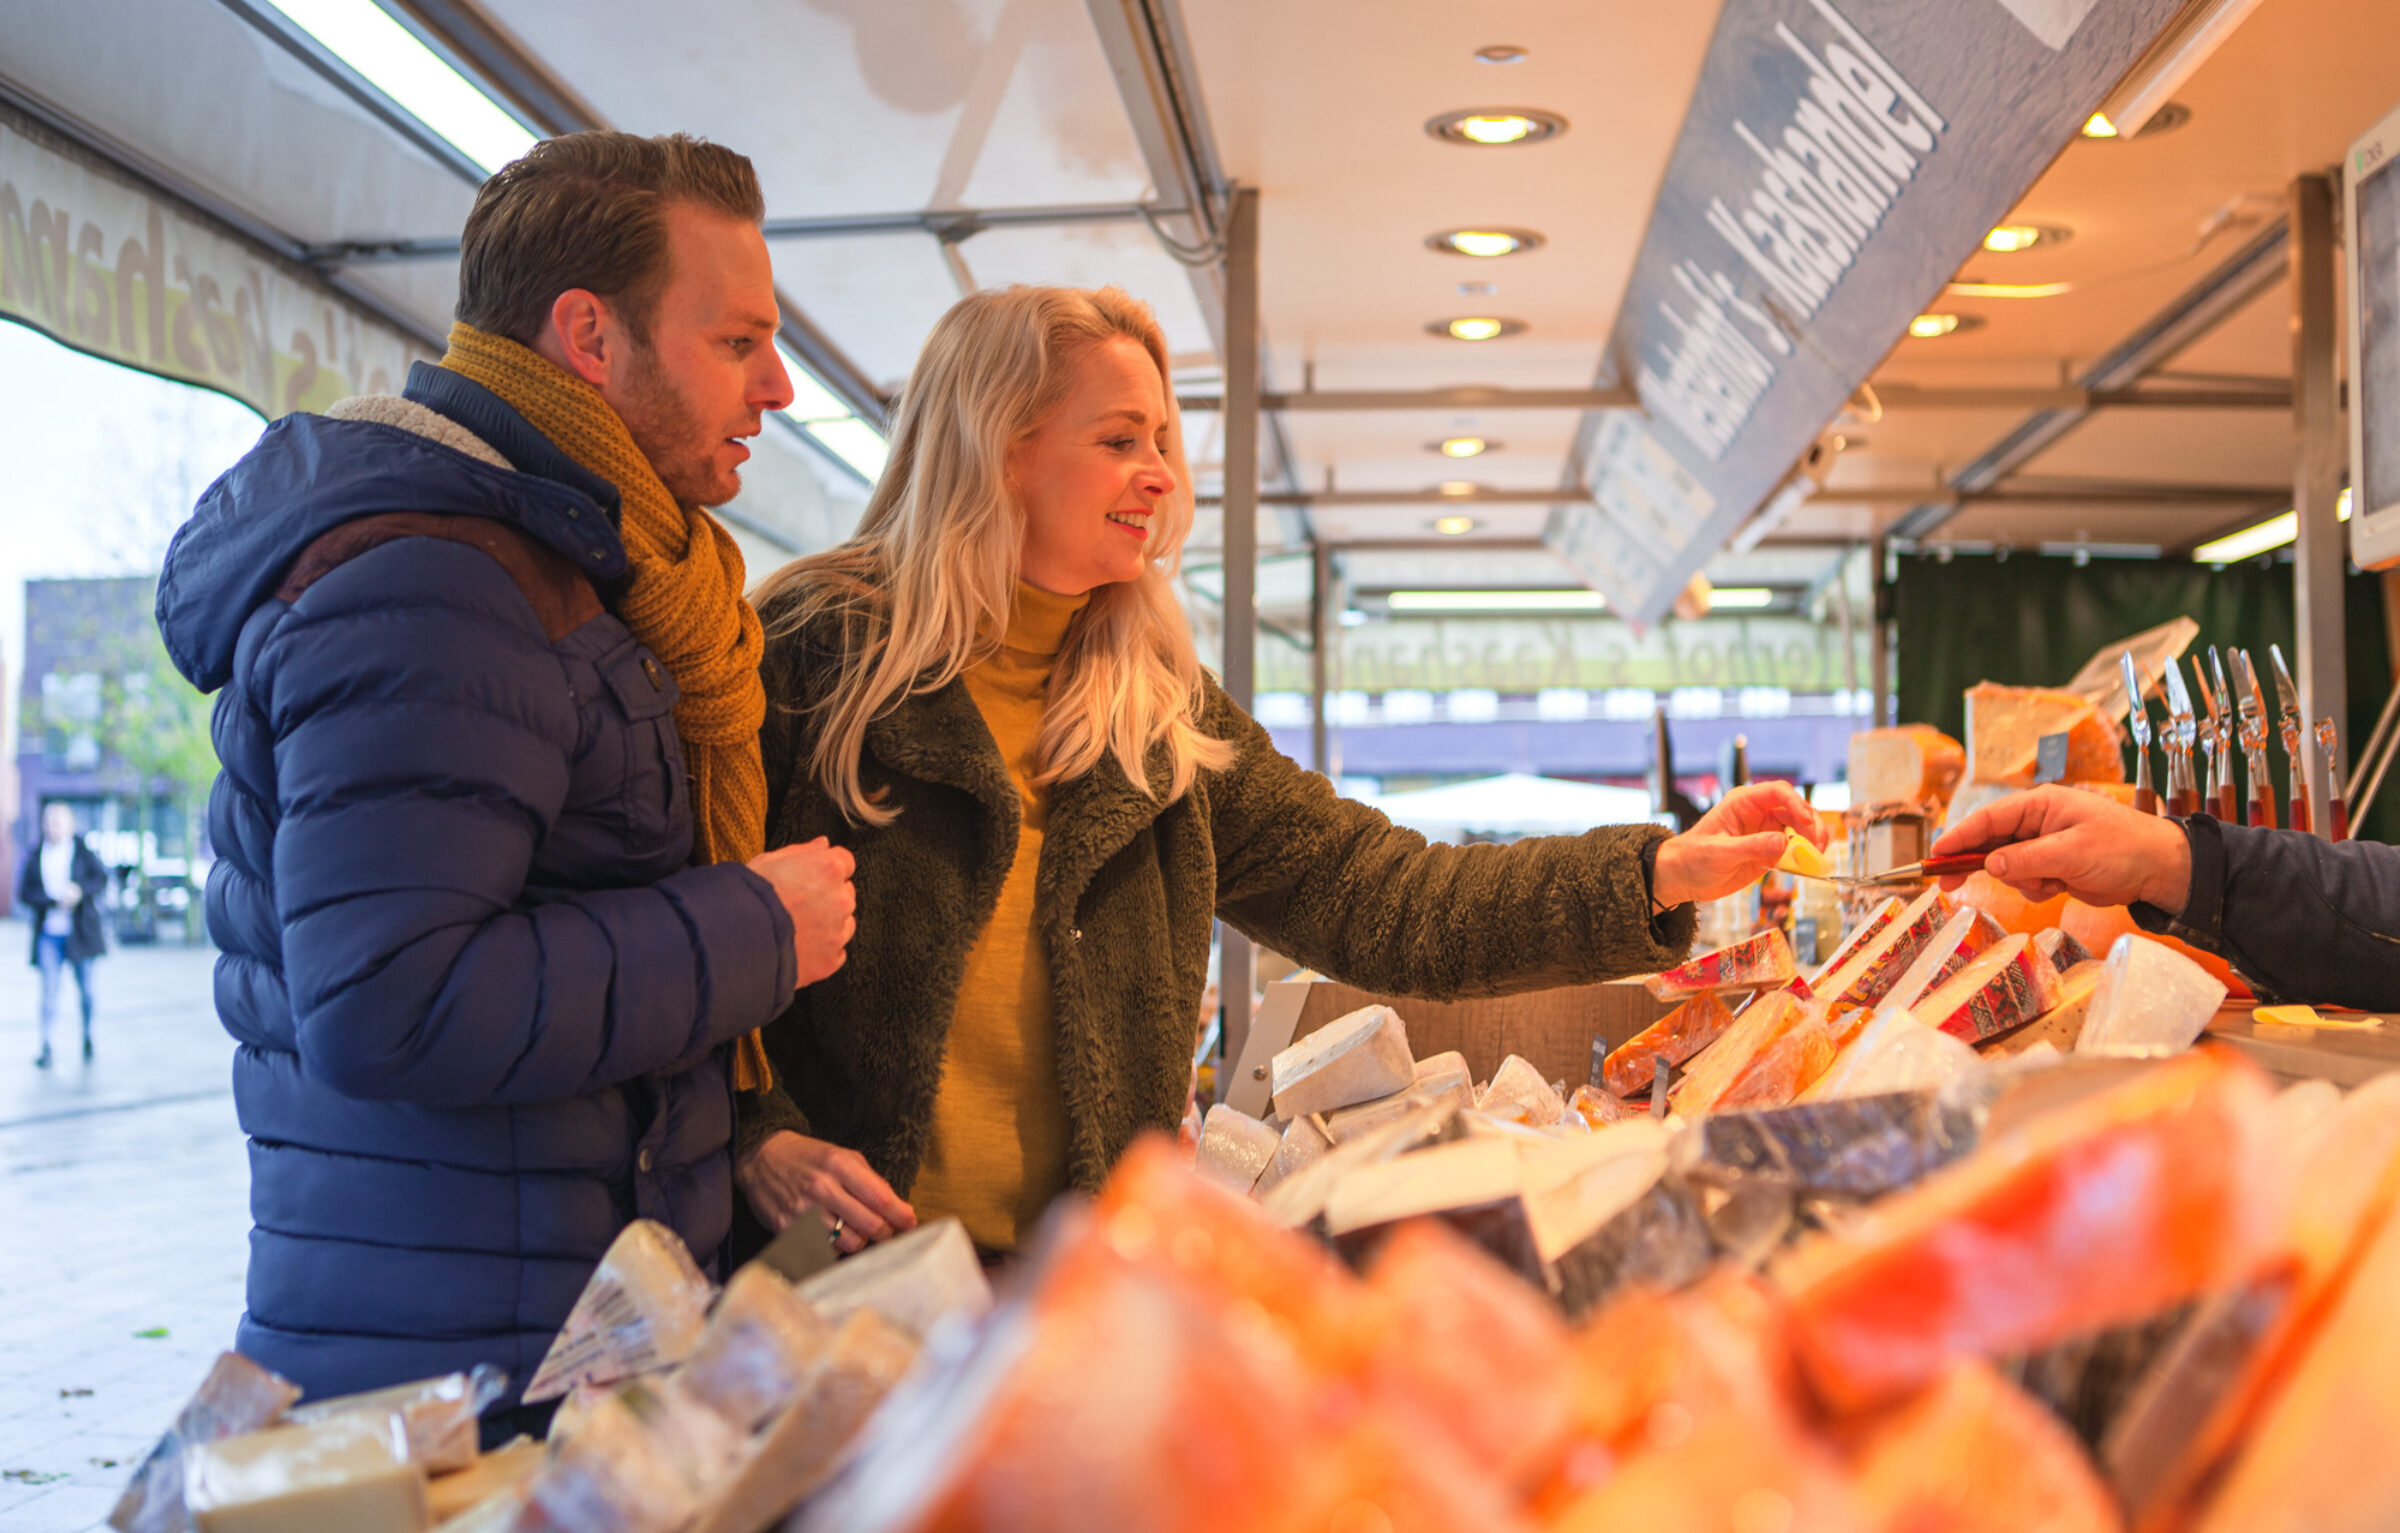 Der große Wochenmarkt in Enschede